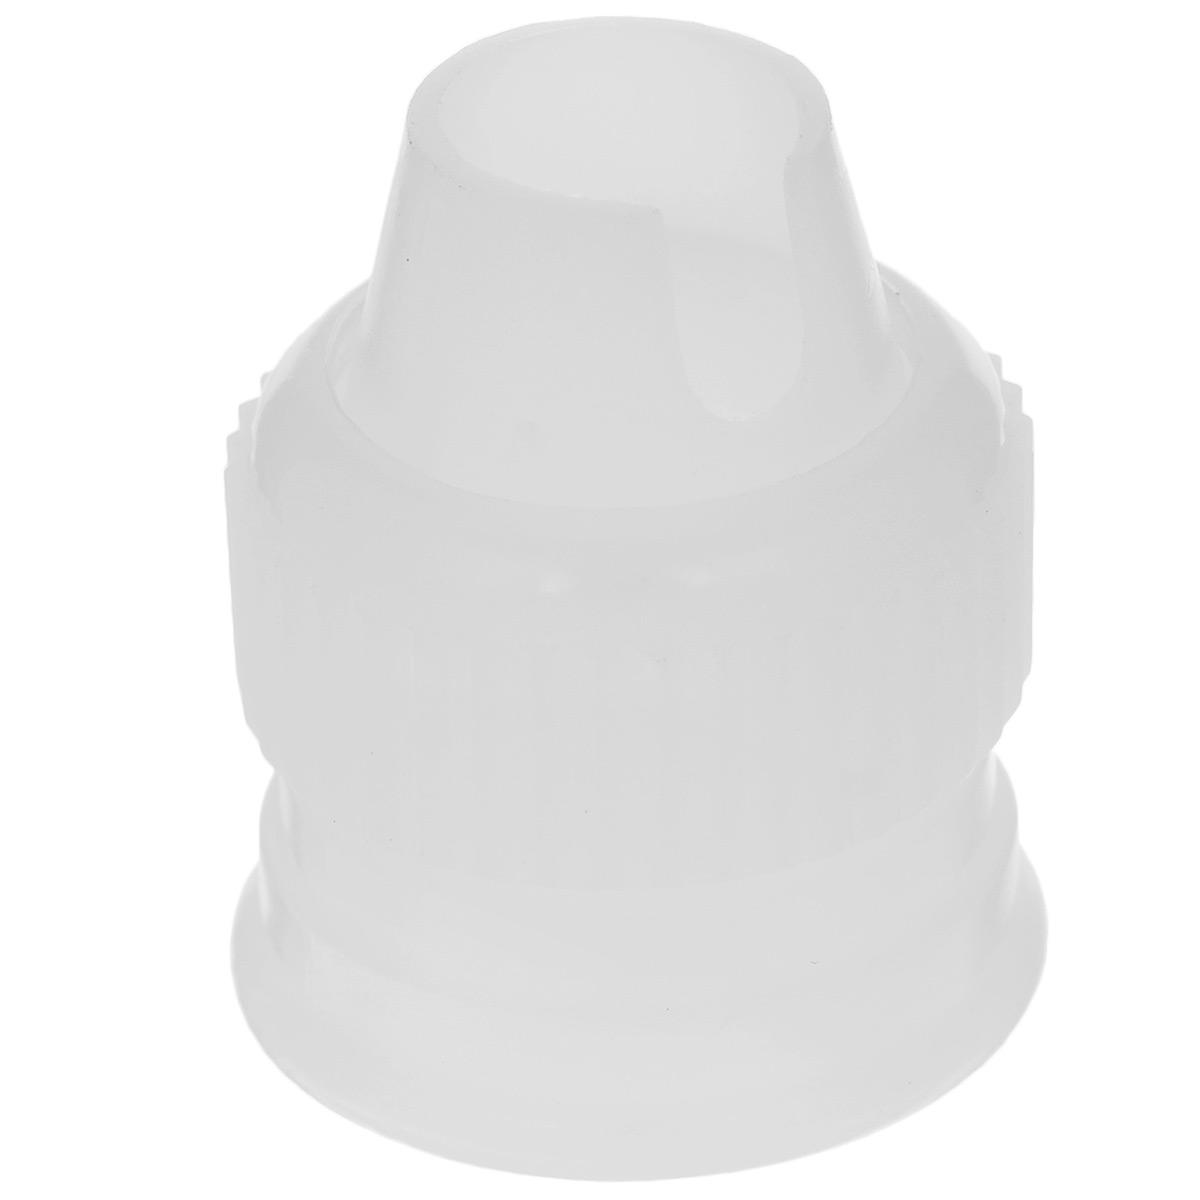 Фиксатор насадки Wilton Стандартный, цвет: белый, на подвесеWLT-418-1987Фиксатор насадки Wilton Стандартный выполнен из пищевого пластика и предназначен для стандартных кондитерских мешков. Фиксатор используется как переходник. А насадка вместе с кондитерским мешком поможет создать на выпечке удивительные рисунки кремом. С этим фиксатором готовить станет намного удобнее! Диаметр основания фиксатора: 2 см. Длина фиксатора: 3 см. Насадка в комплект не входит.